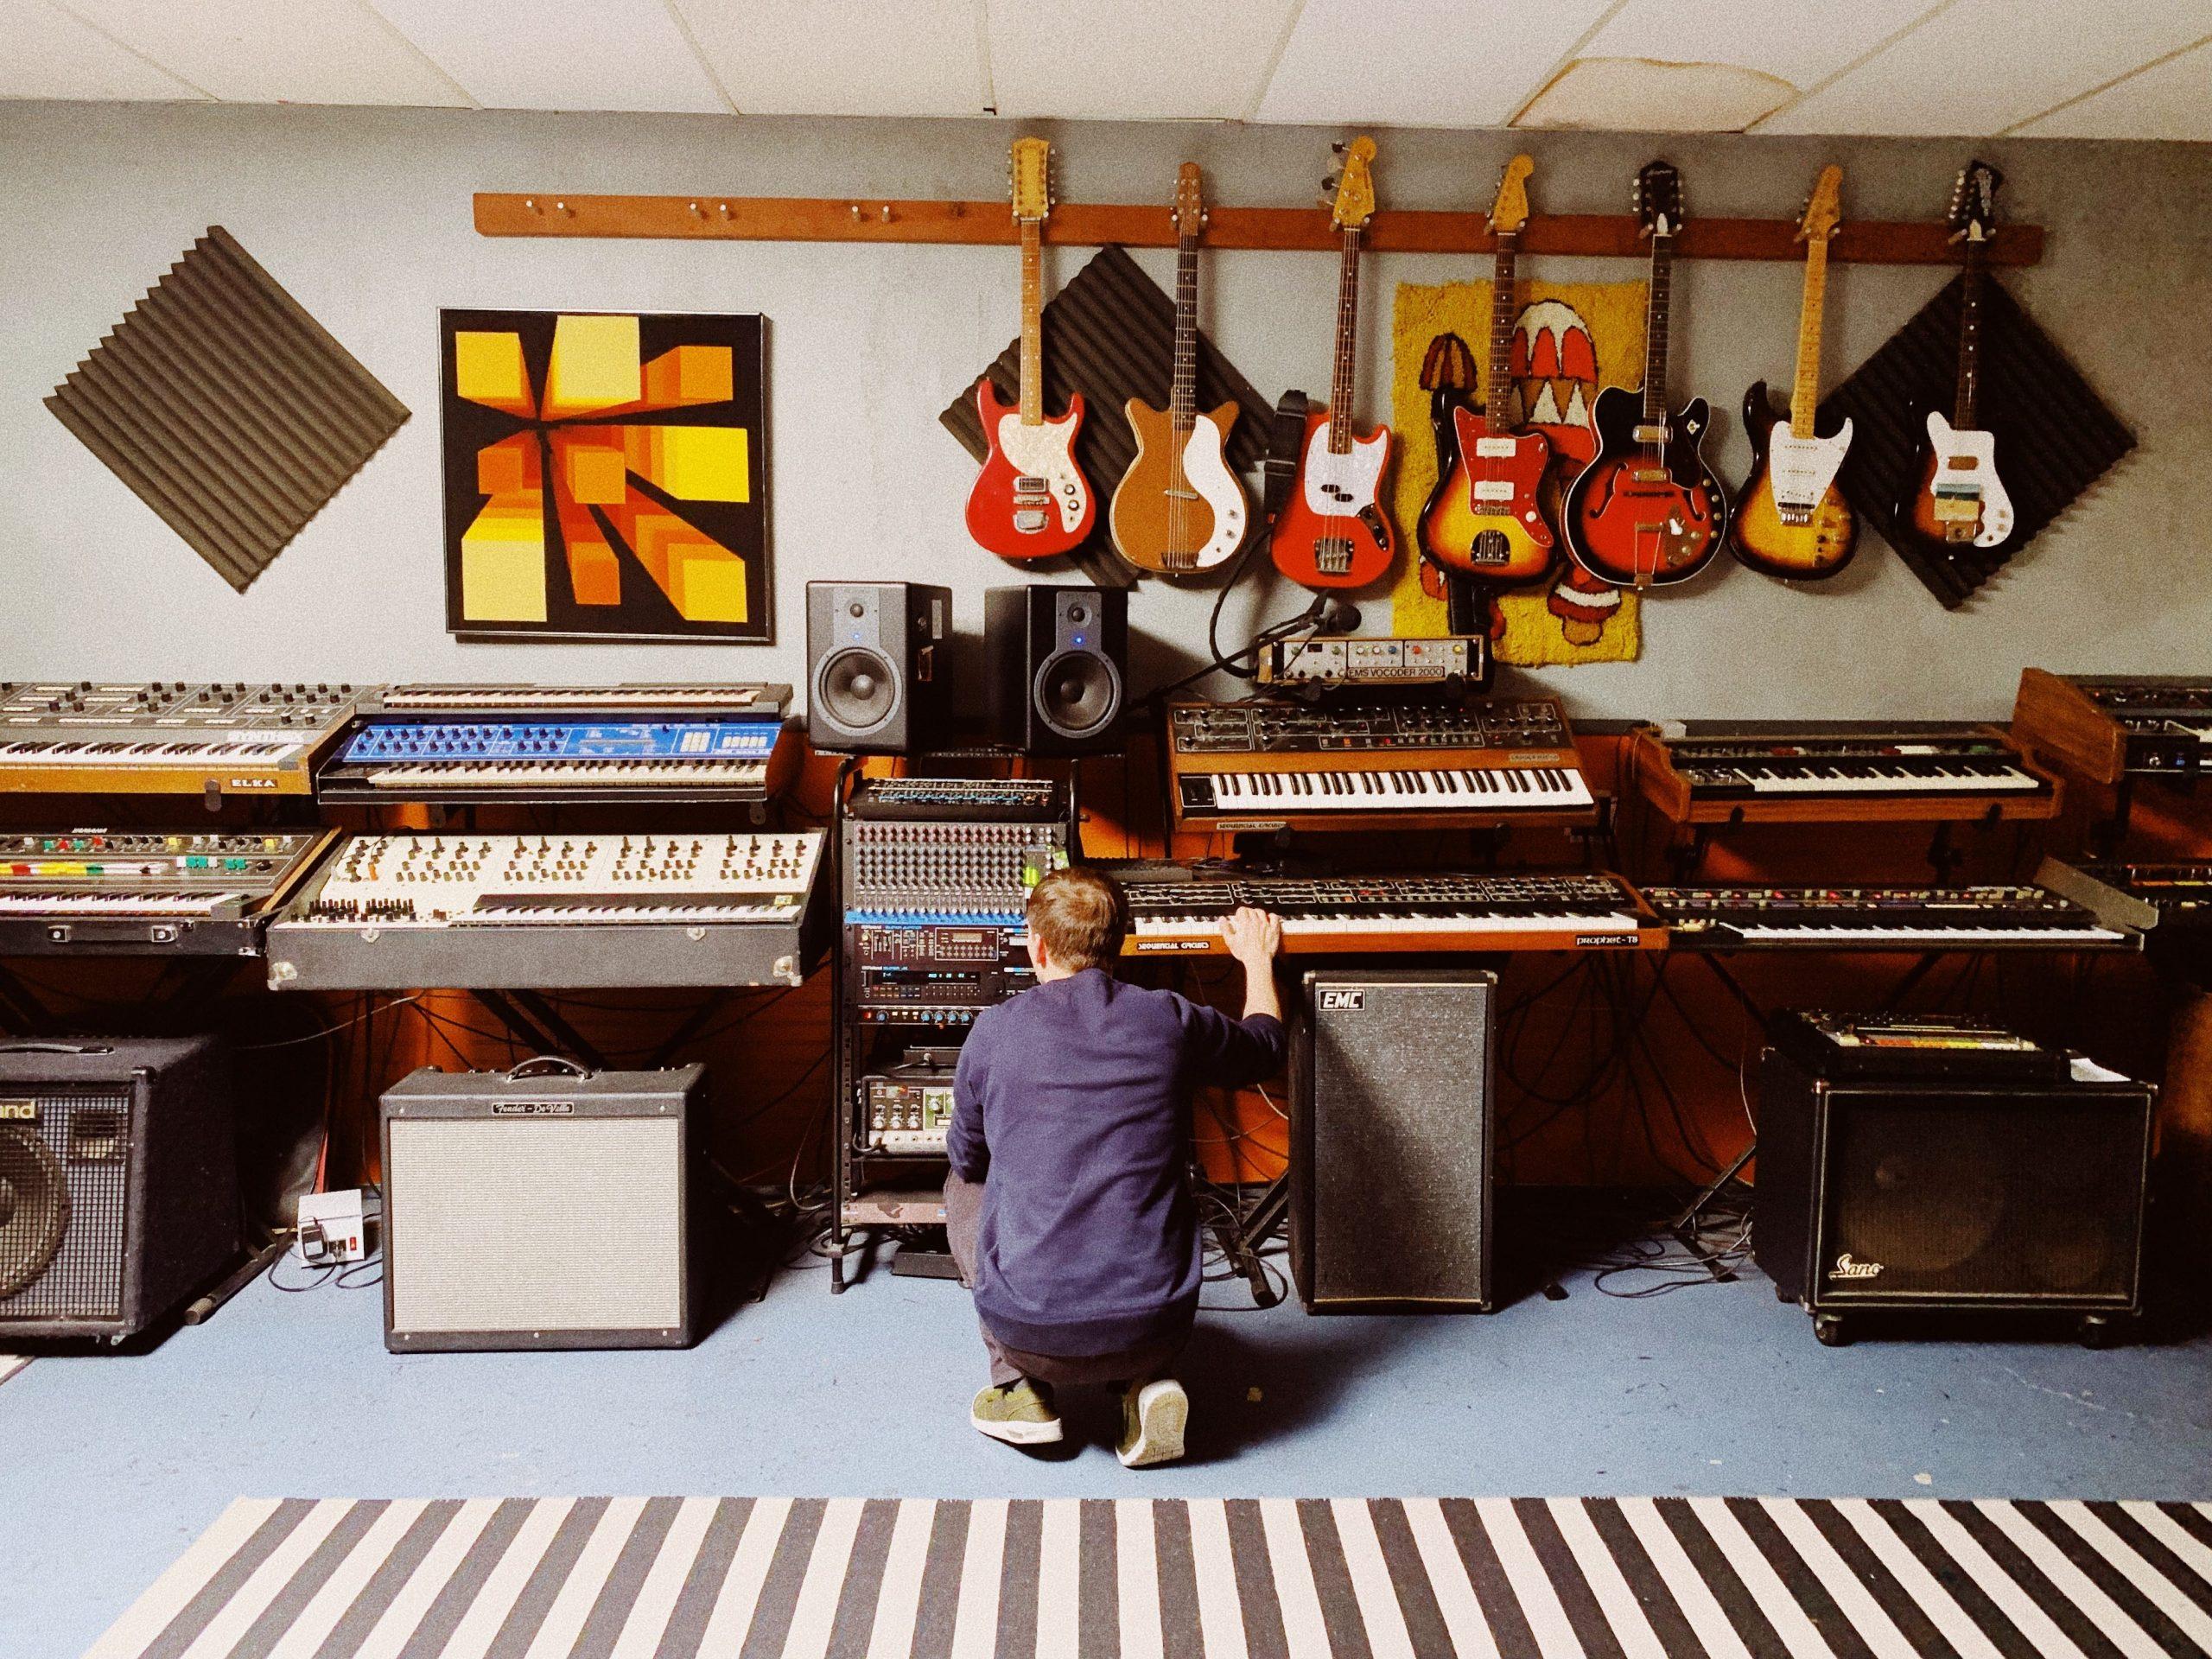 Trouvez le bon studio pour enregistrer vos morceaux dans les meilleures conditions